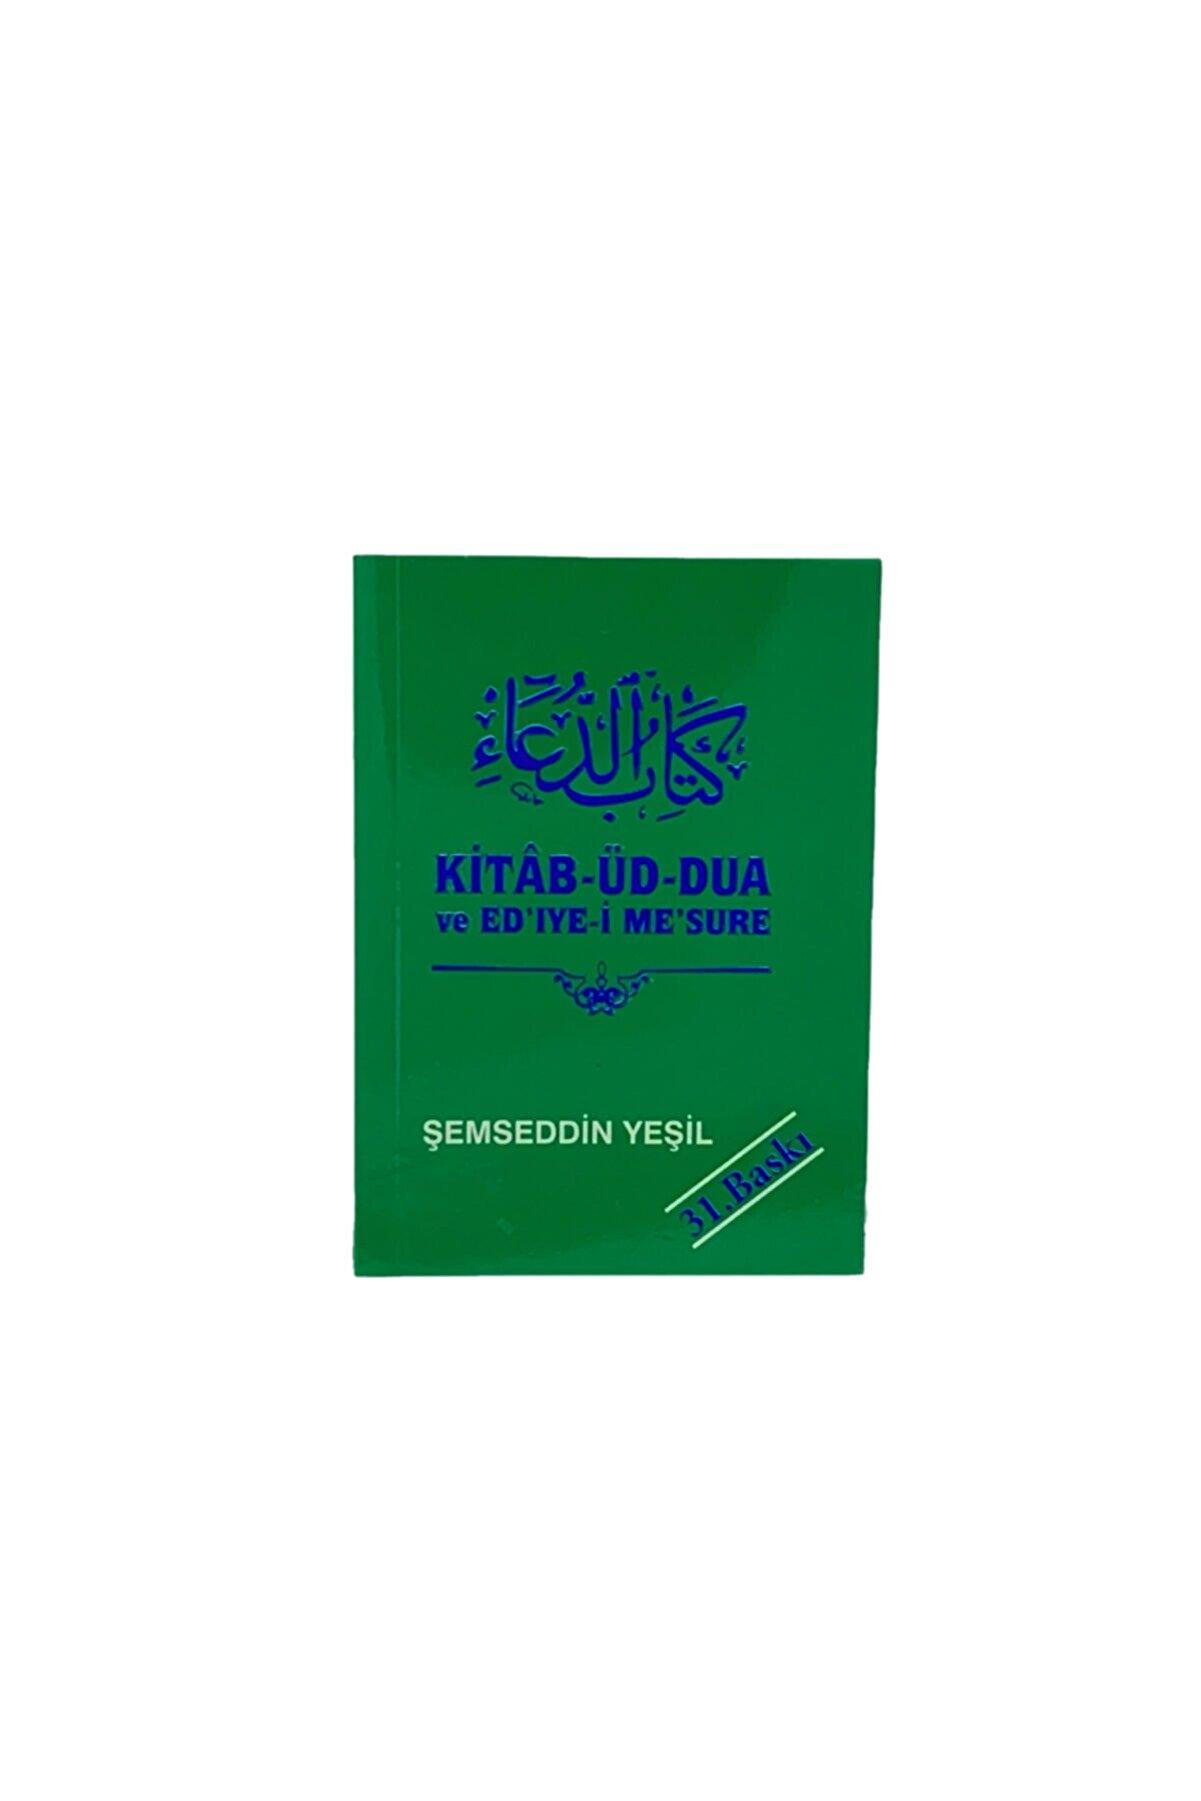 Şemseddin Yeşil Kitab-üd Dua Ve Ed'ıye-i Me'sure (ciltsiz)